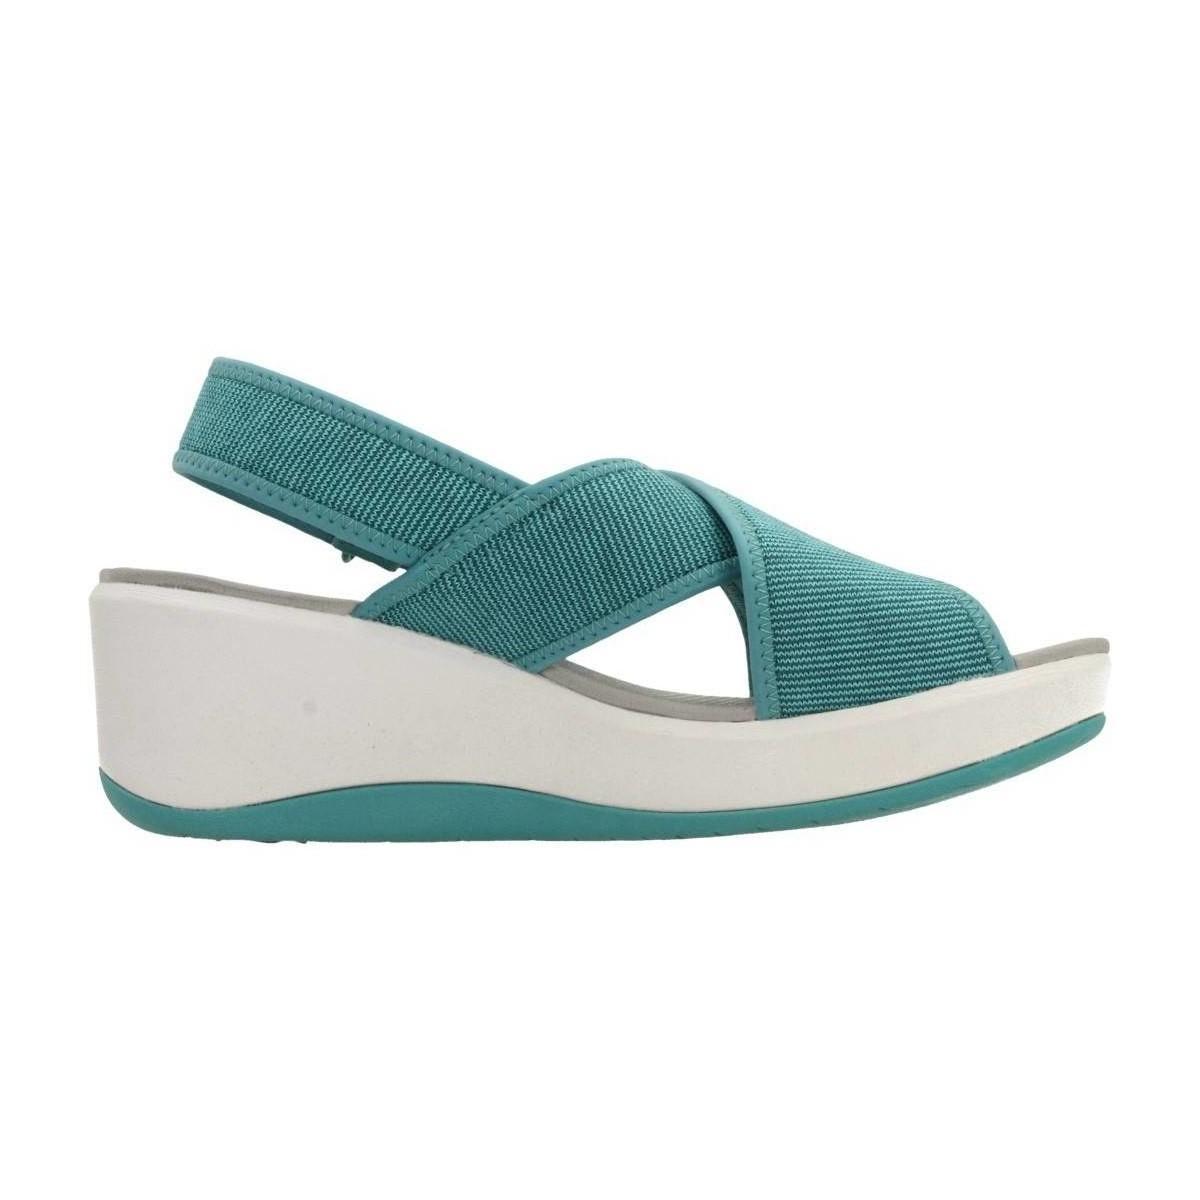 Clarks Step Cali Cove Aqua Women S Sandals In Blue In Blue